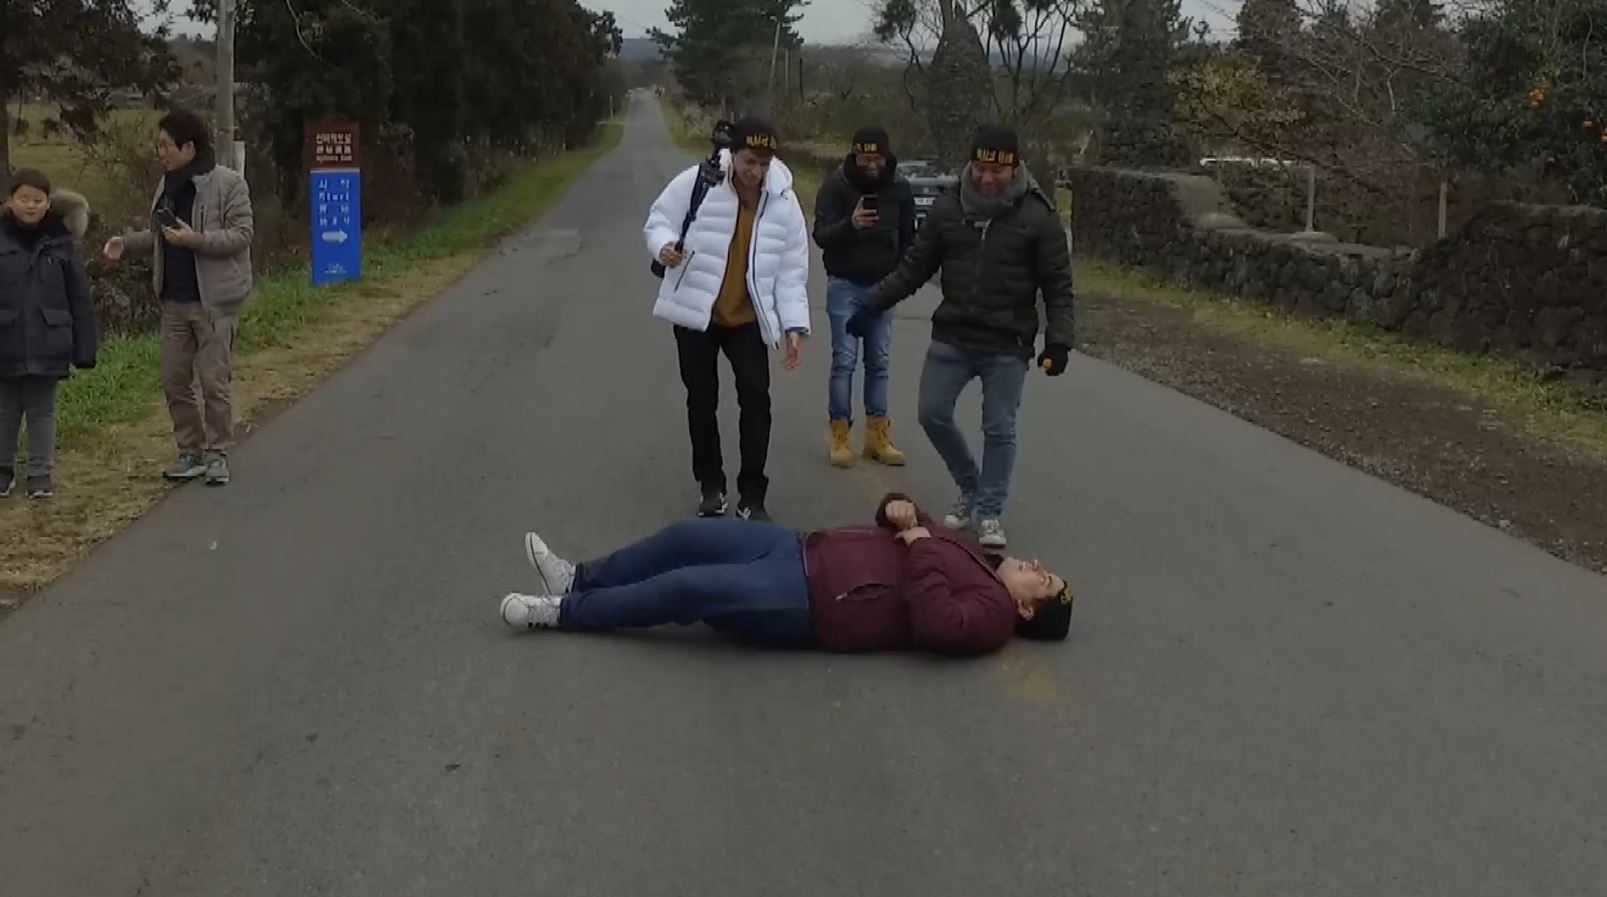 신비의 도로에 드러눕다? '어서와 한국은' 멕시코 친구들이 제주도를 즐기는 법!